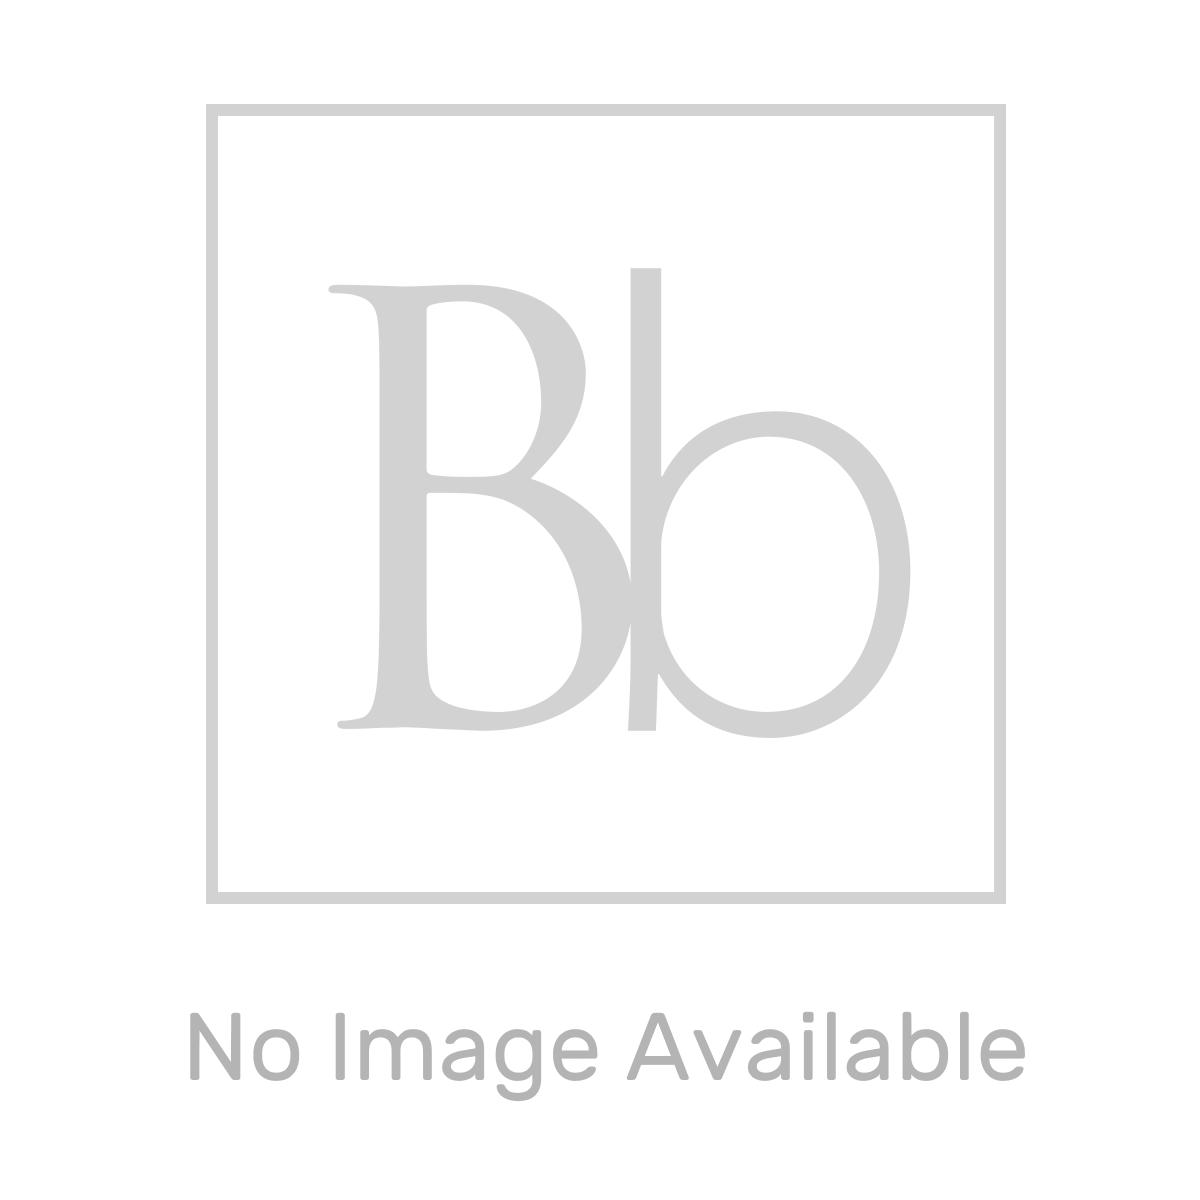 Nuie Athena Stone Grey 2 Door Floor Standing Vanity Unit with 50mm Profile Basin 600mm